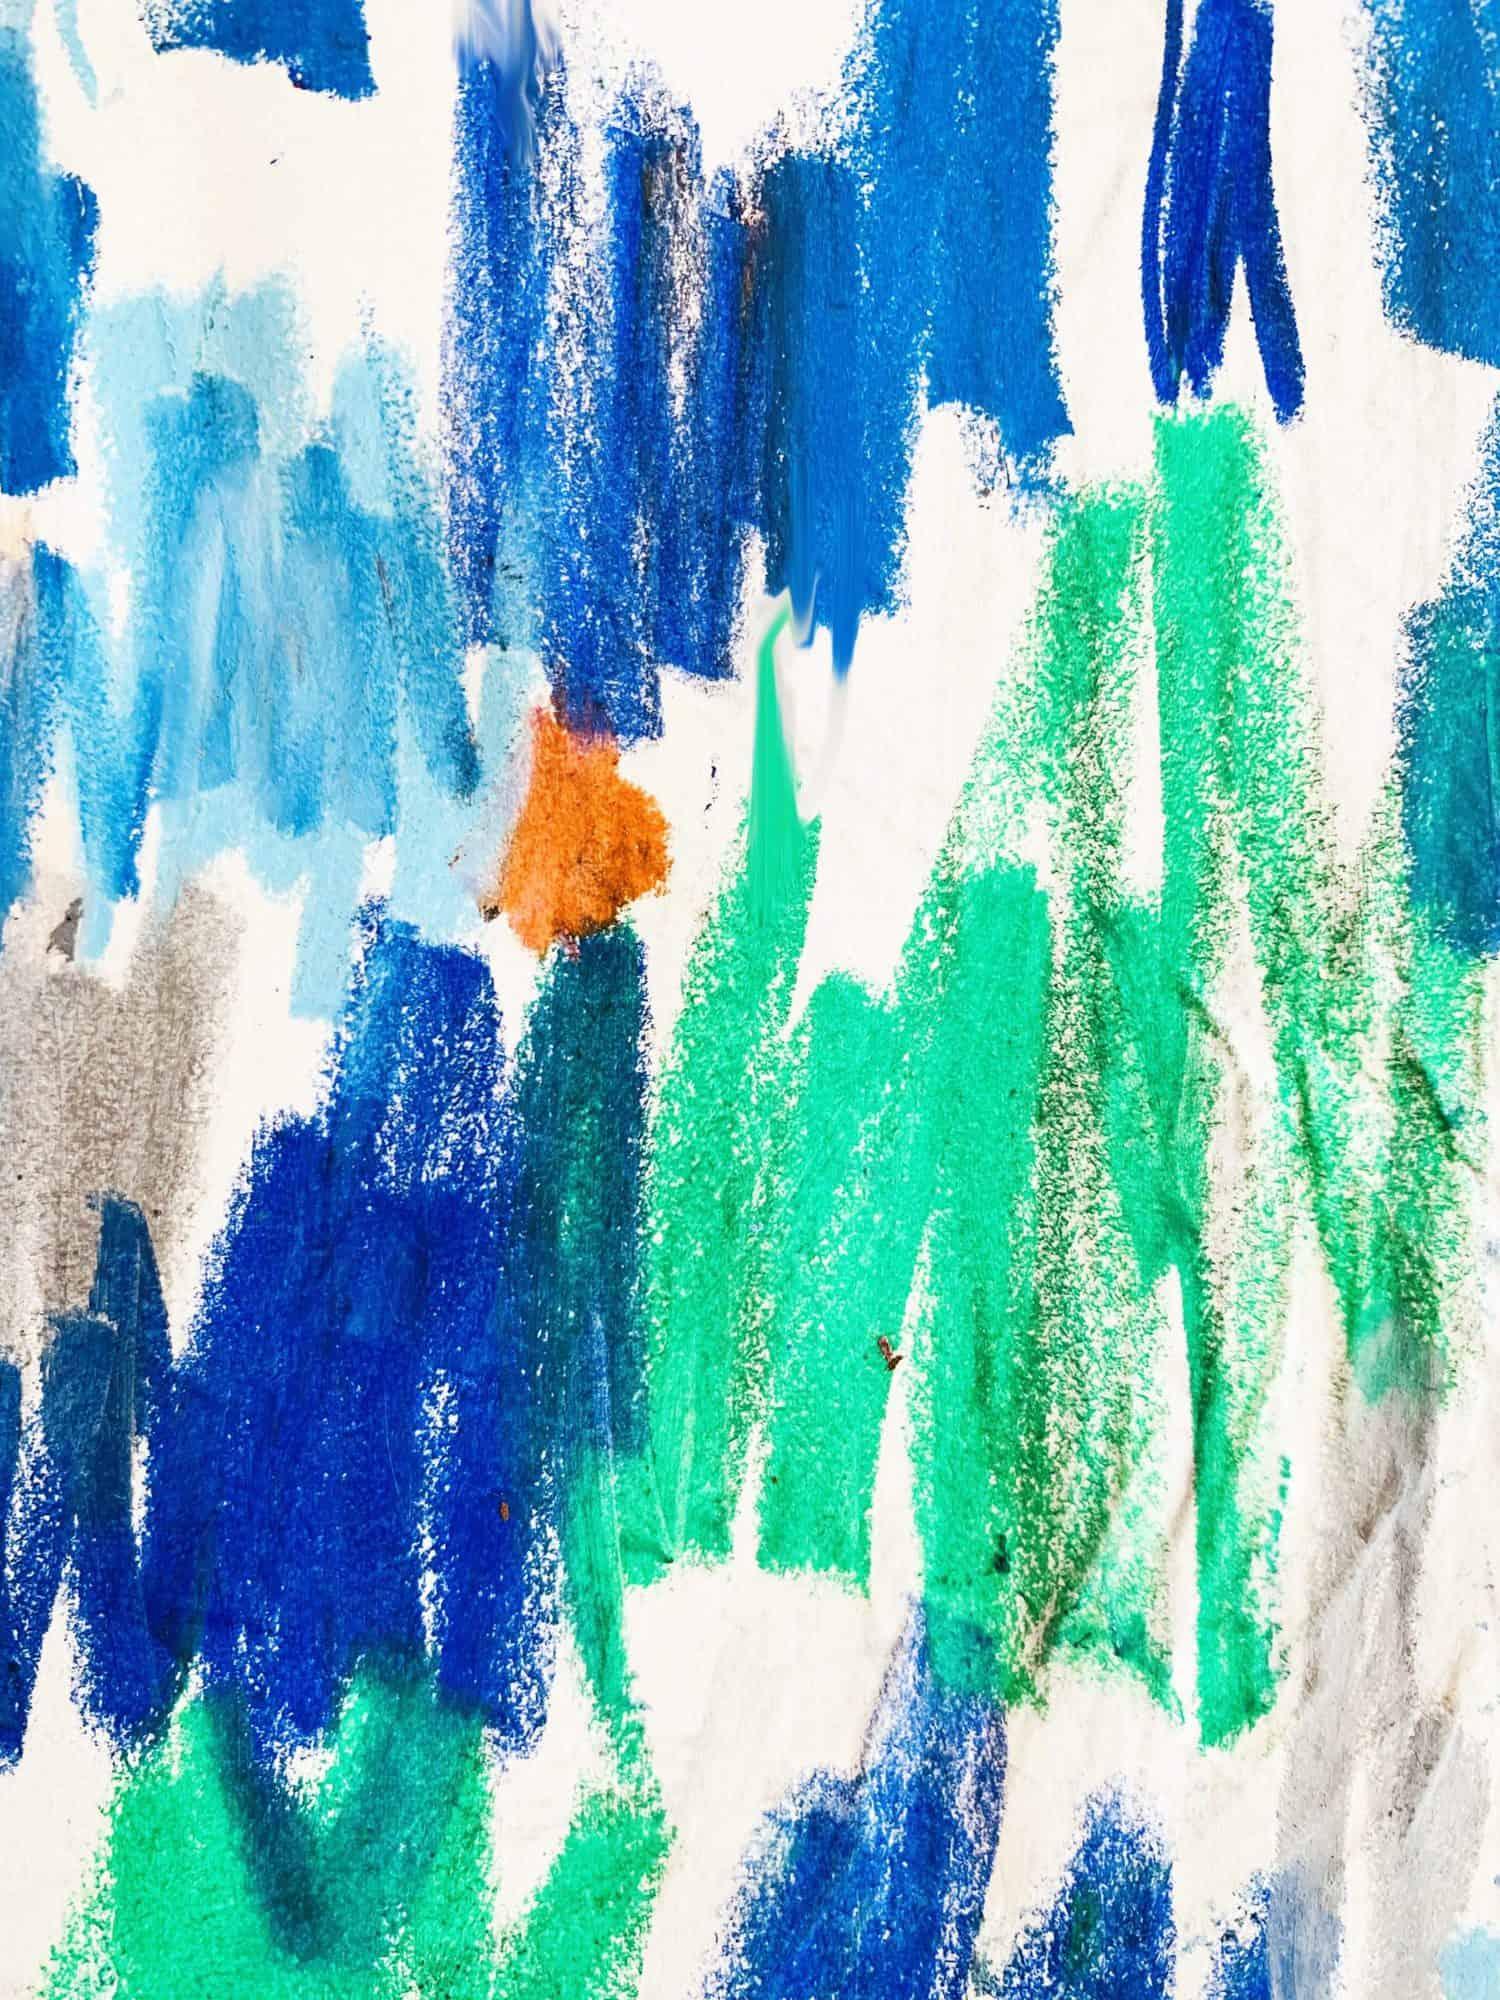 Ölgemälde auf Leinwand Abstrakt Grün Blau mit Orange